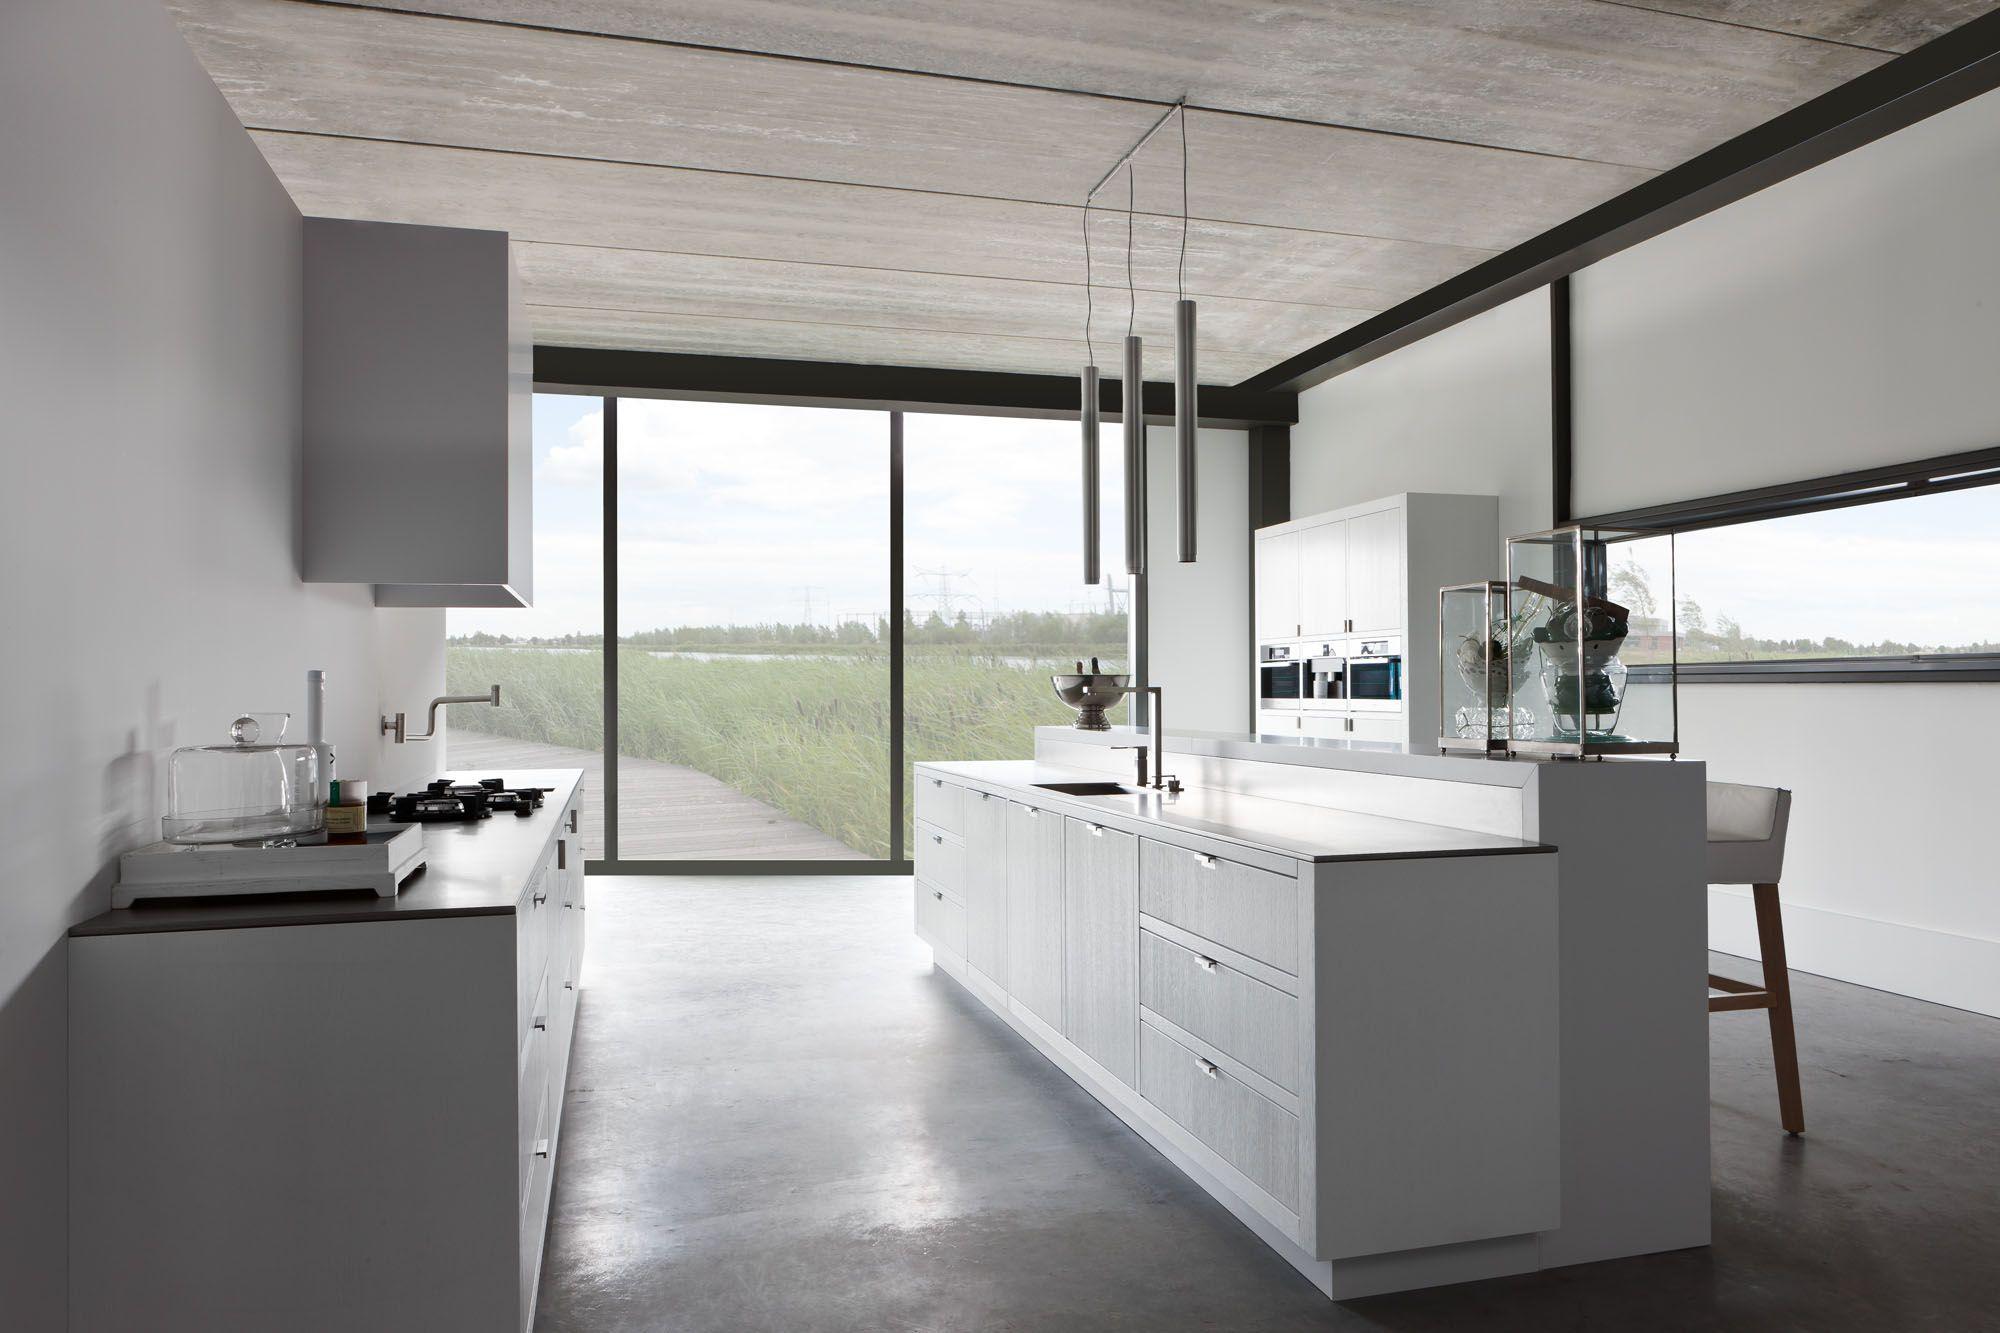 Piet Boon Keuken : Showroomkeukens alle showroomkeuken aanbiedingen uit nederland